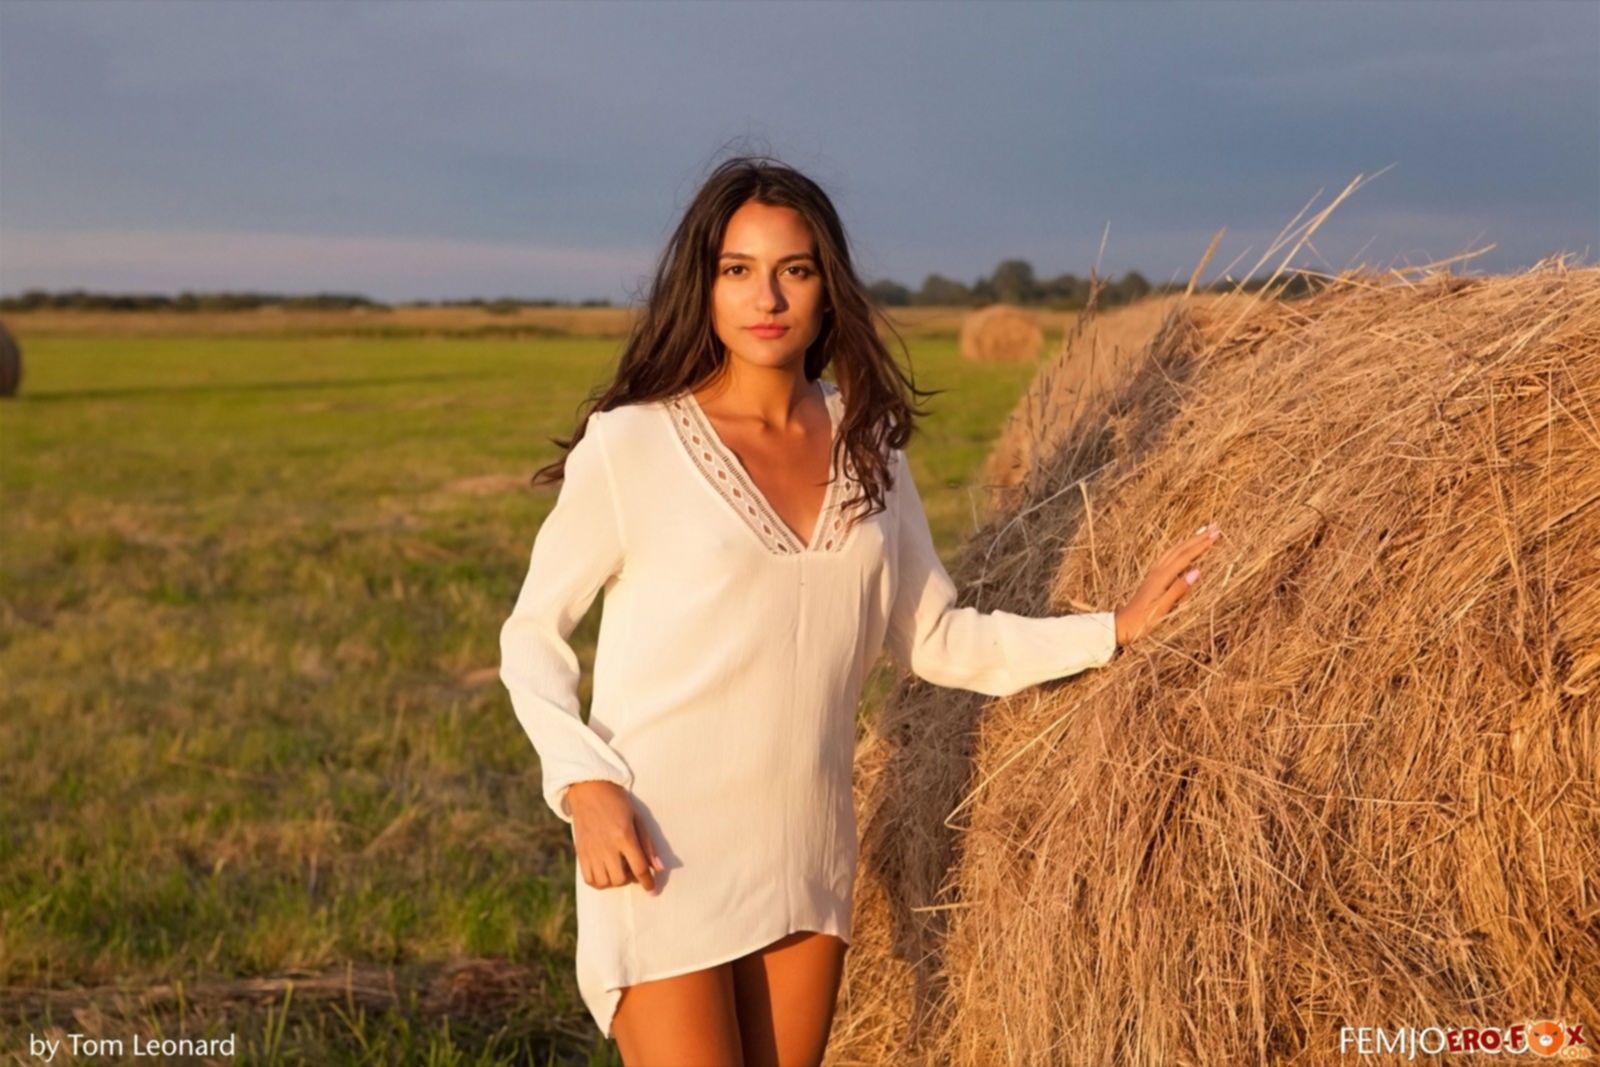 Молодая девушка голая в поле на стоге сена - фото